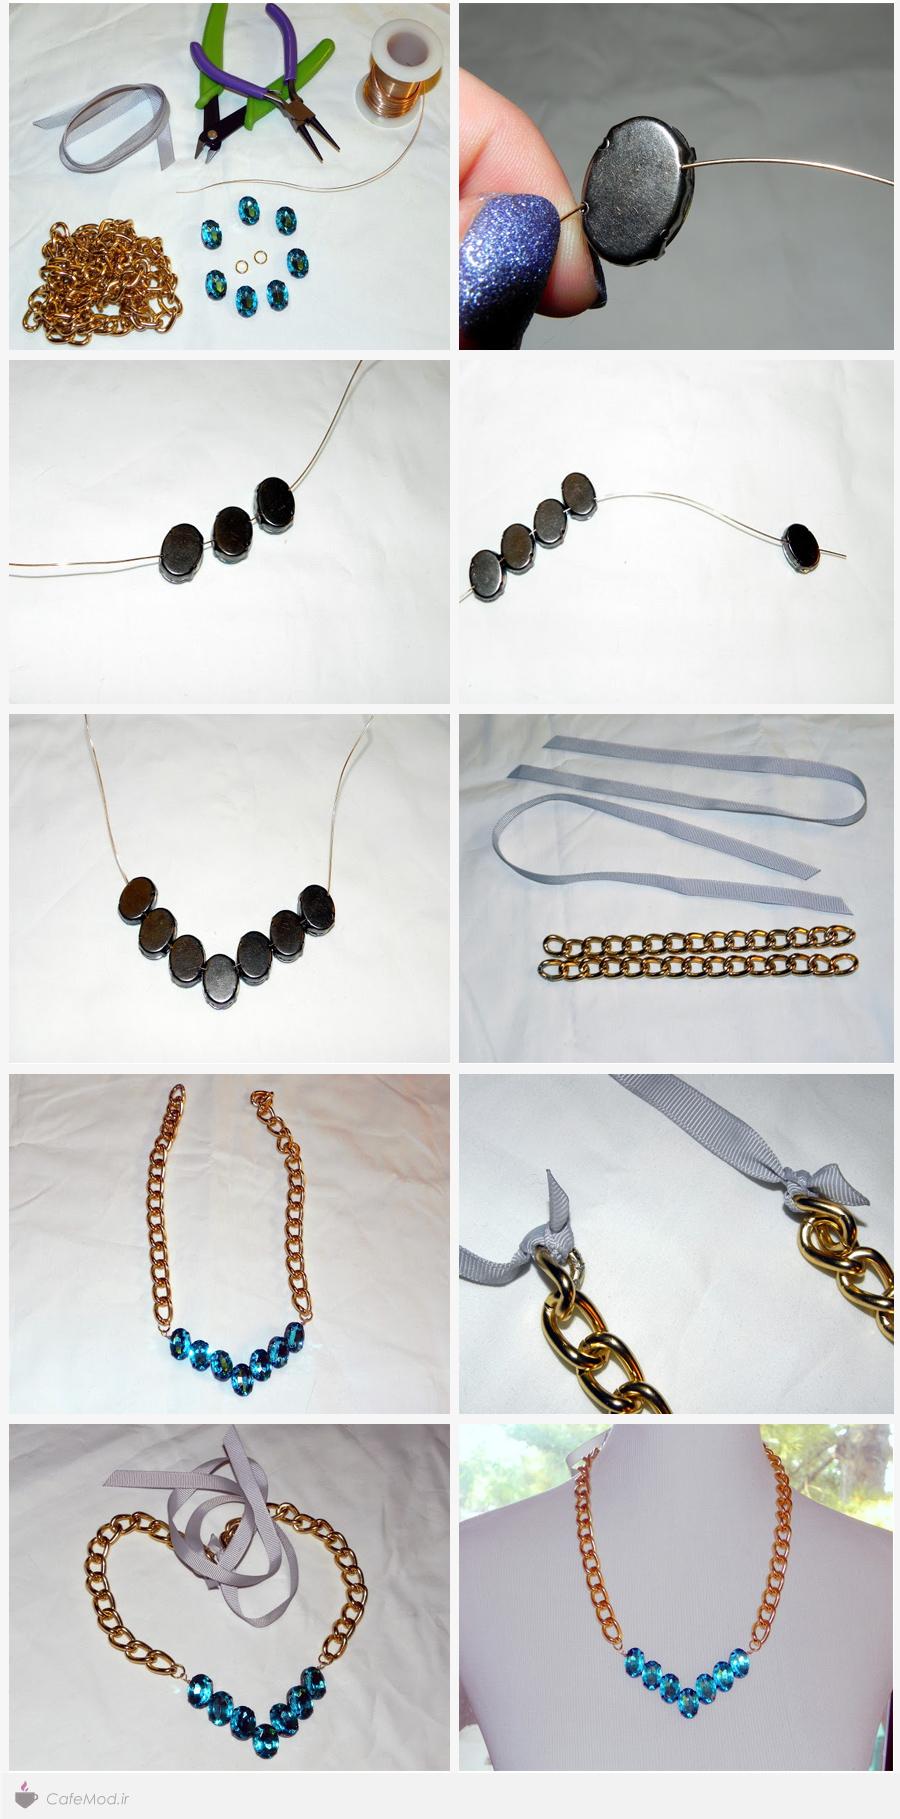 آموزش ساخت گردنبند زنجیری